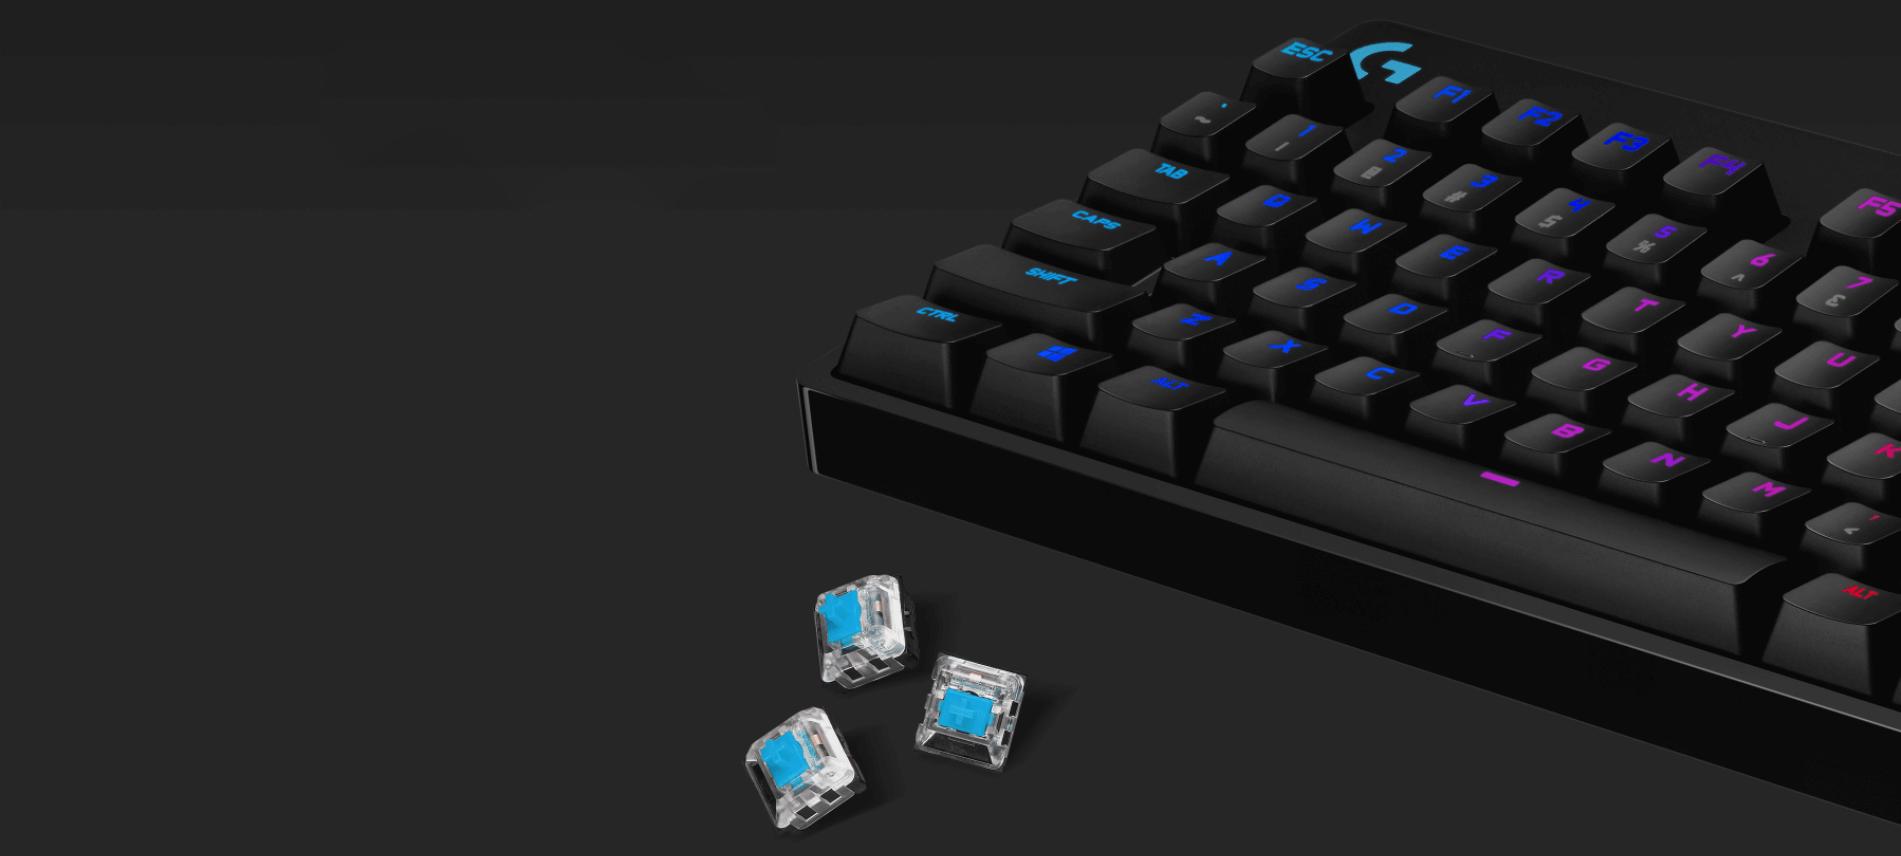 Bộ switch cho G Pro X Keyboard - GX Blue Clicky RGB switch (943-000325) có số lượng 92 nút